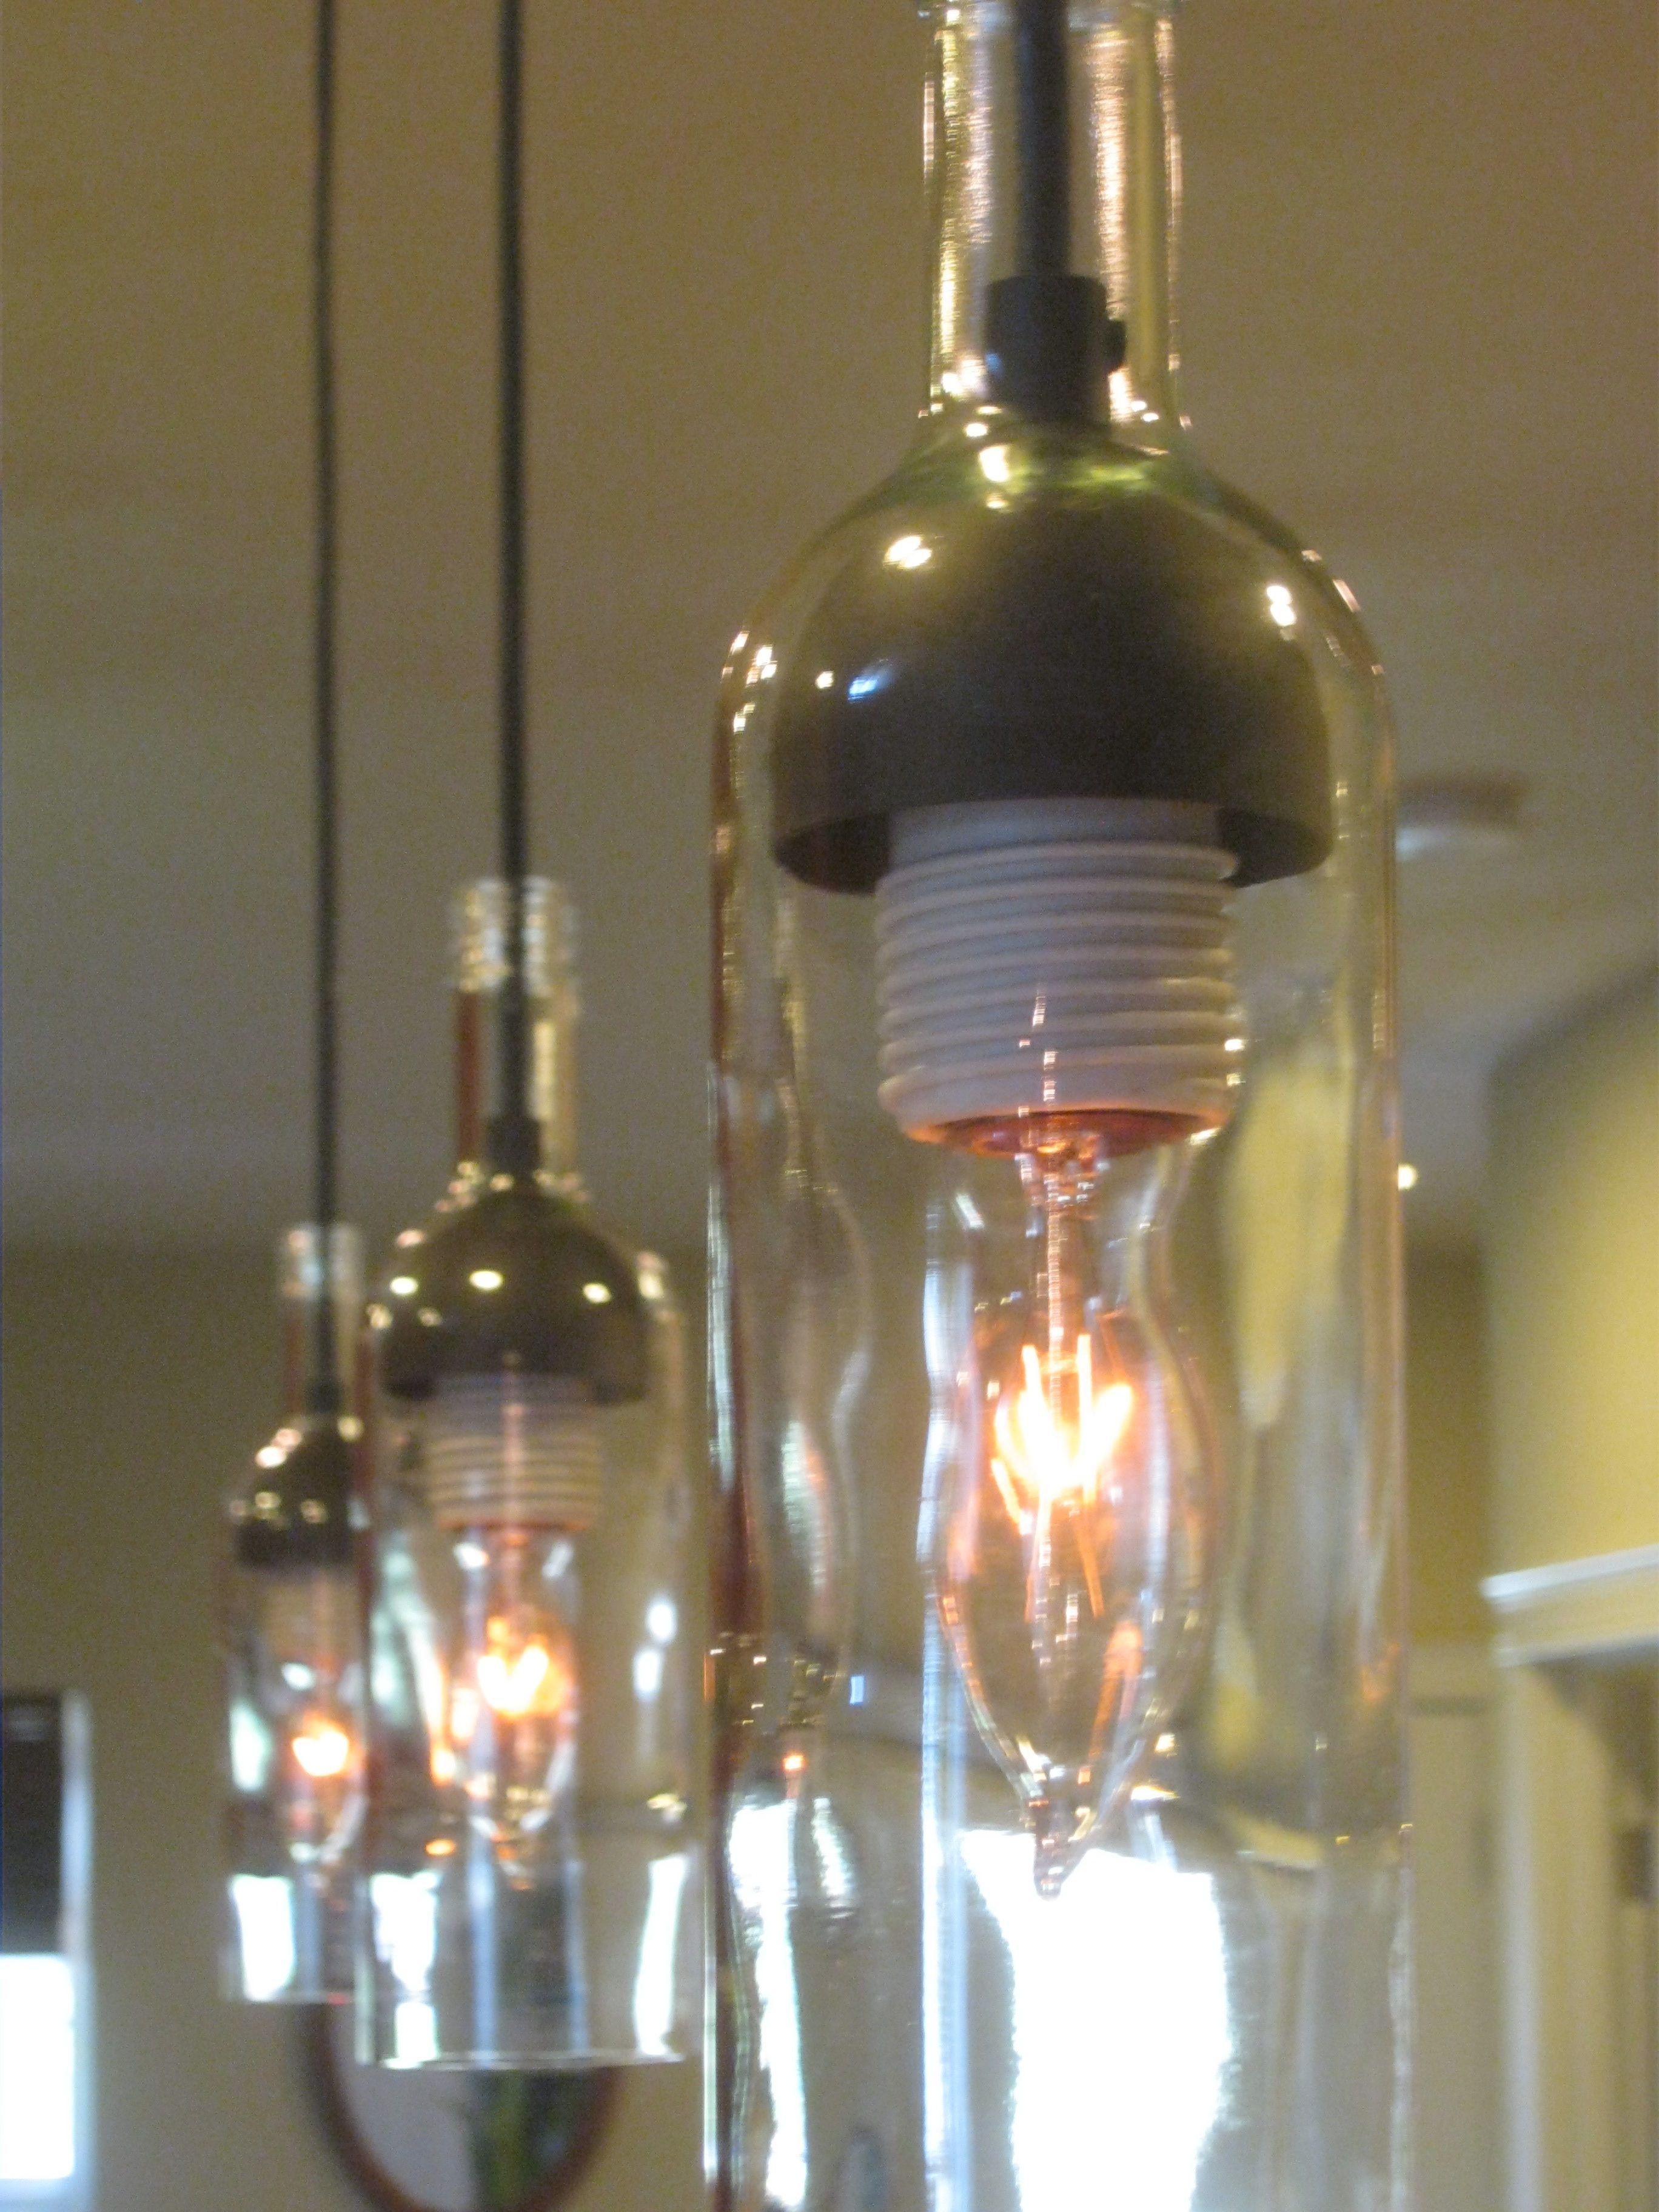 Triple Pendant Light From Bottles Diy Wine Glass Bottle Pendant